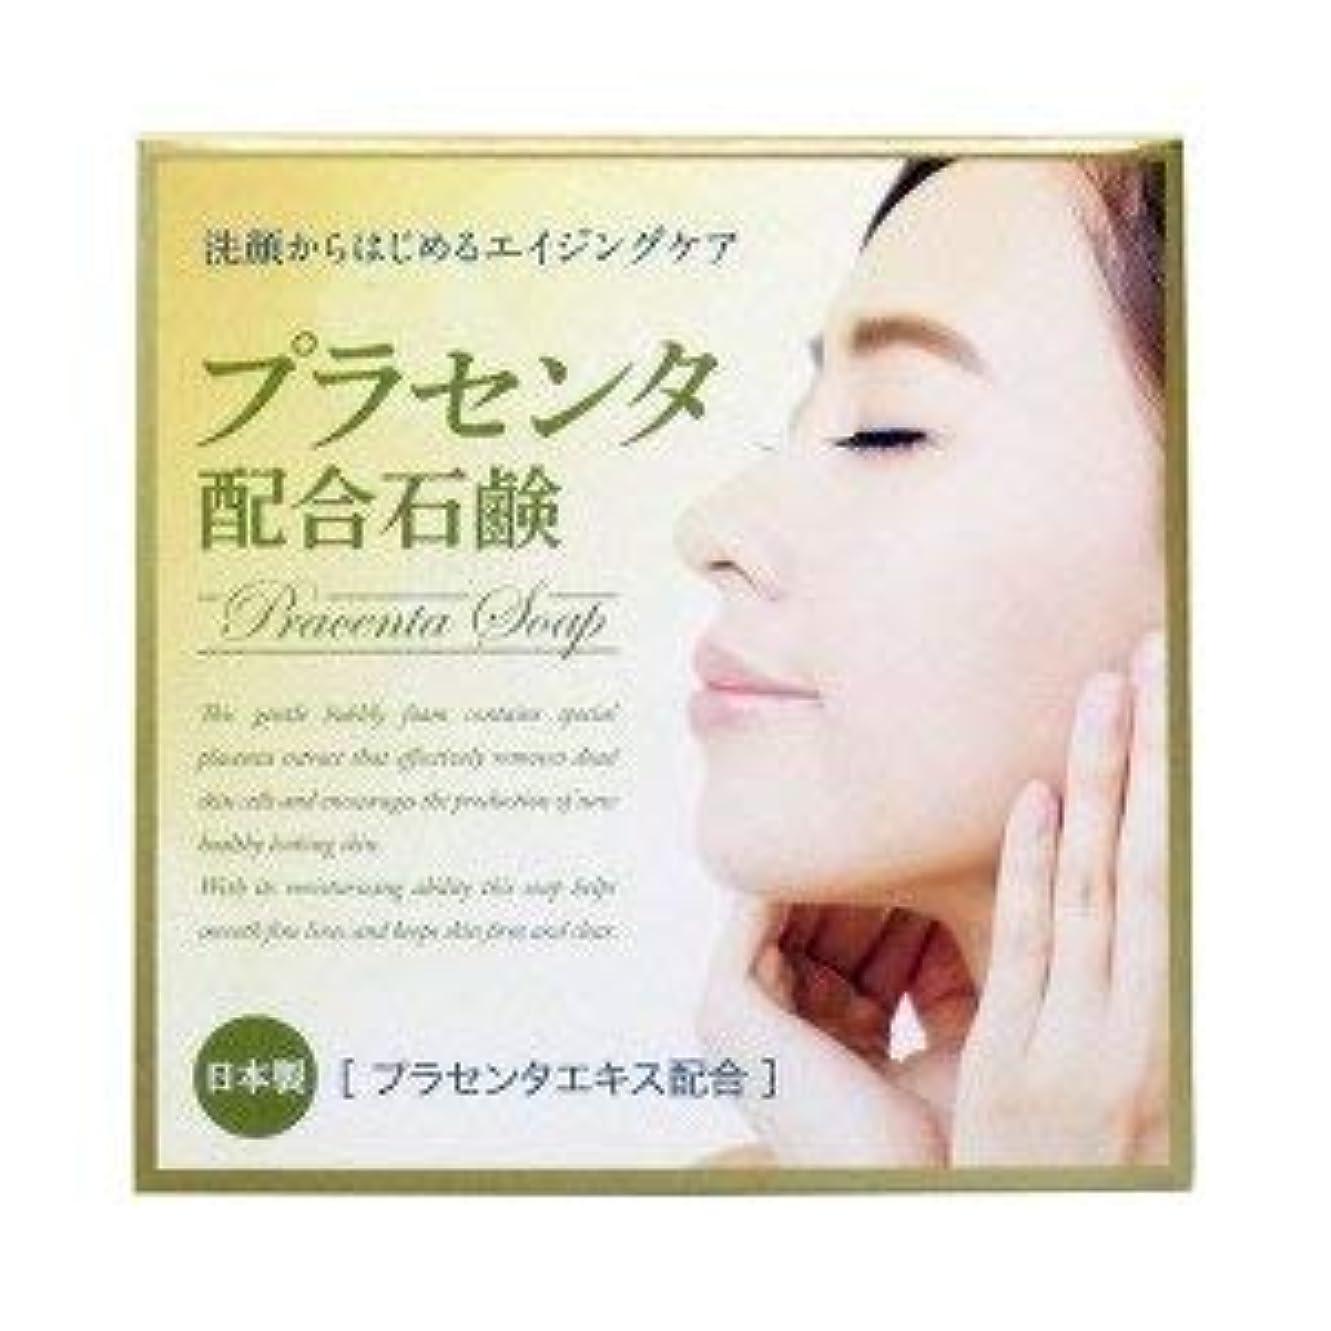 シェルター改善急いでプラセンタ配合石鹸 80g×2 2個1セット プラセンタエキス保湿成分配合 日本製